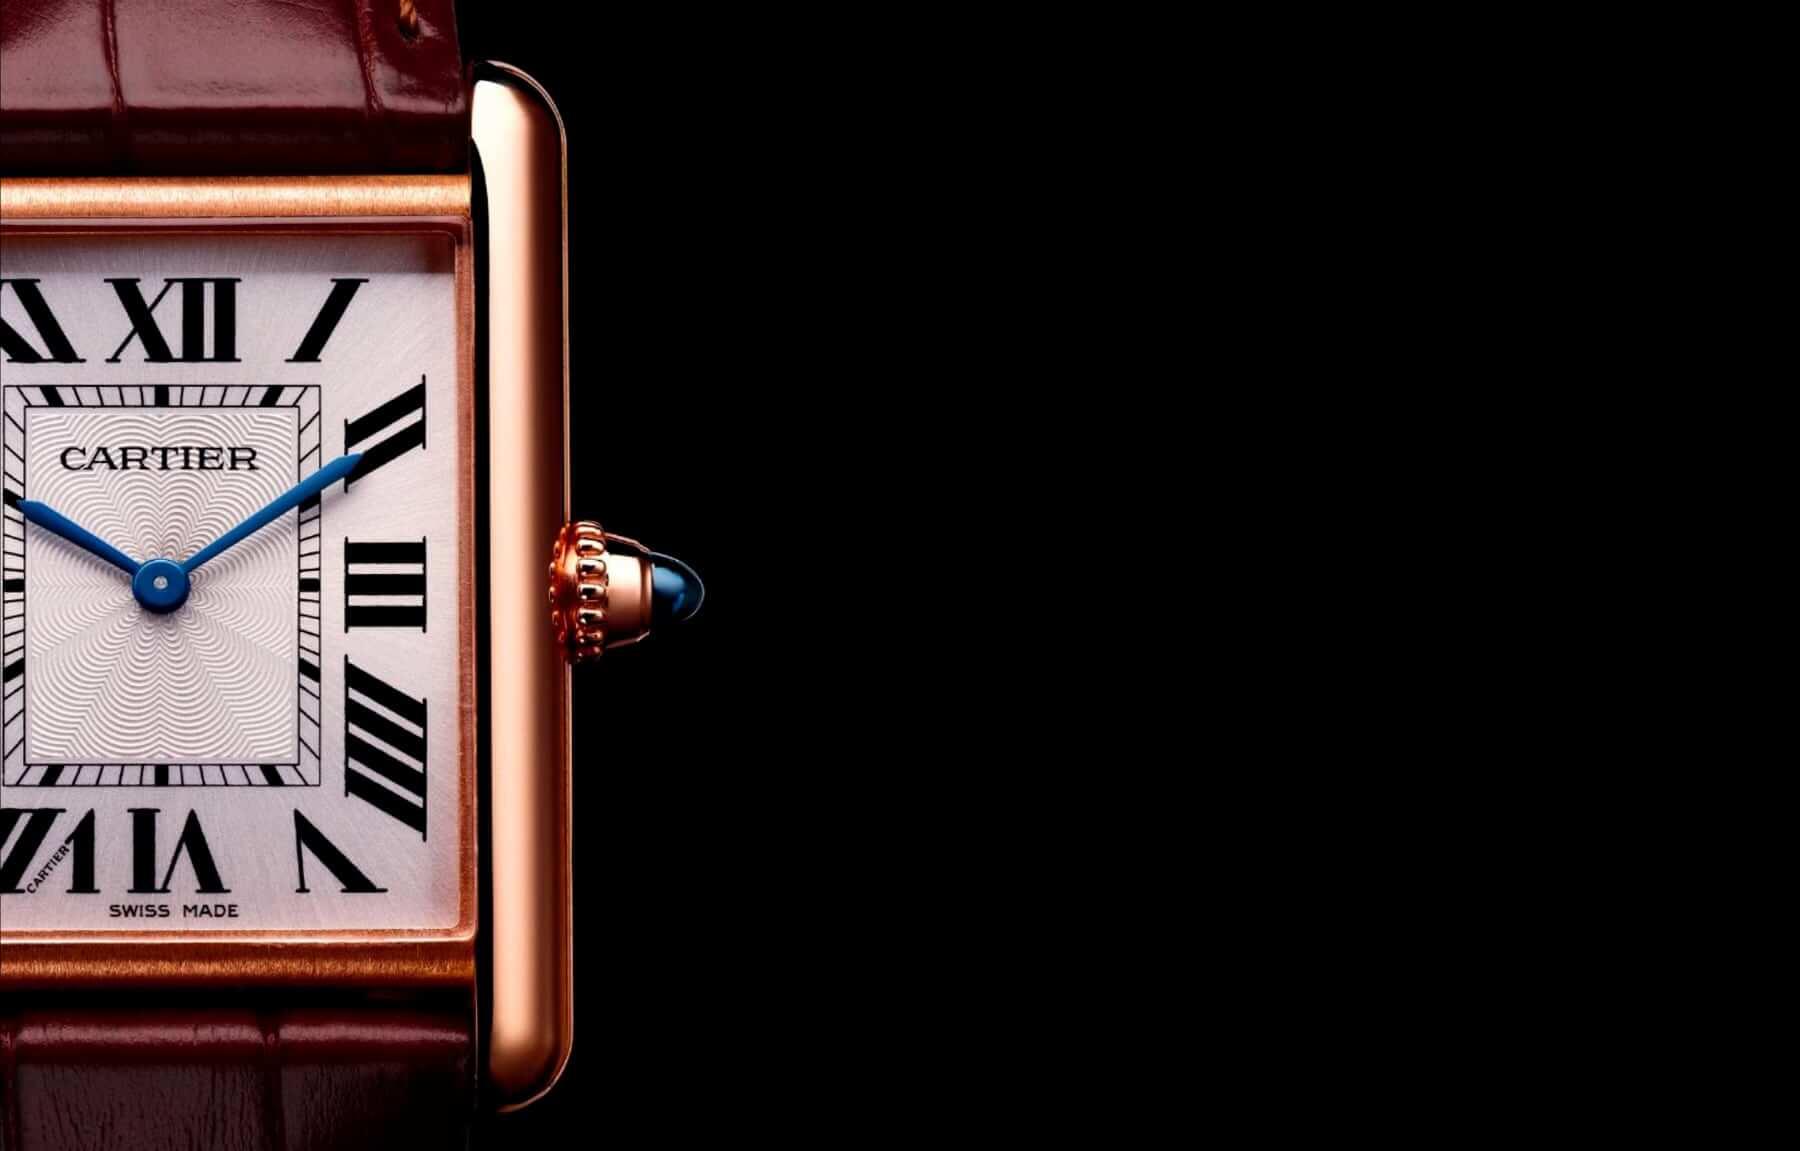 18k Gold Cartier Tank watch close-up